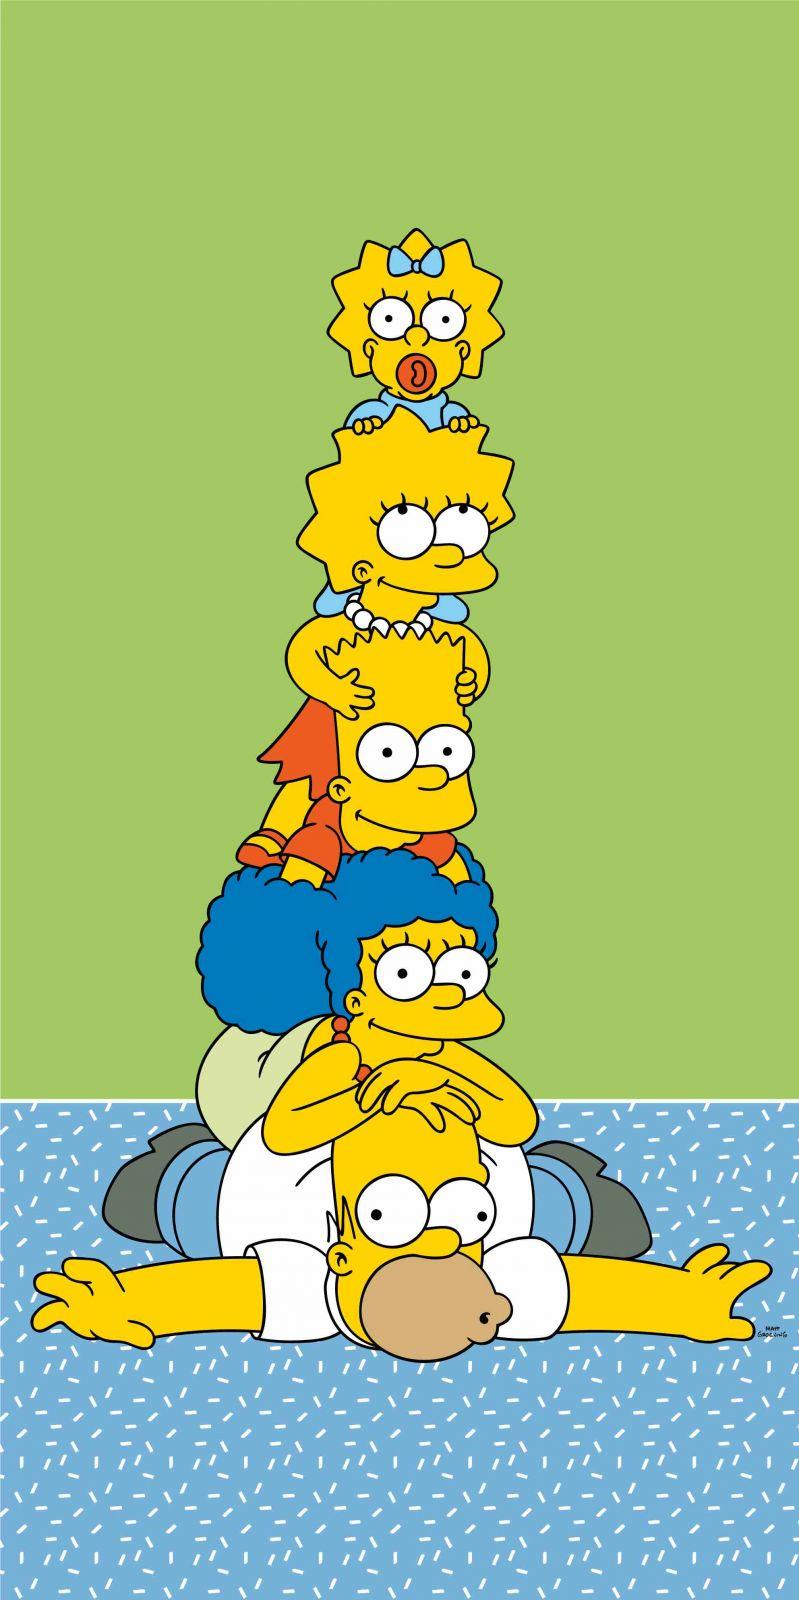 Dětská osušla Simpsons family na zeleném podkladu Jerry Fabrics